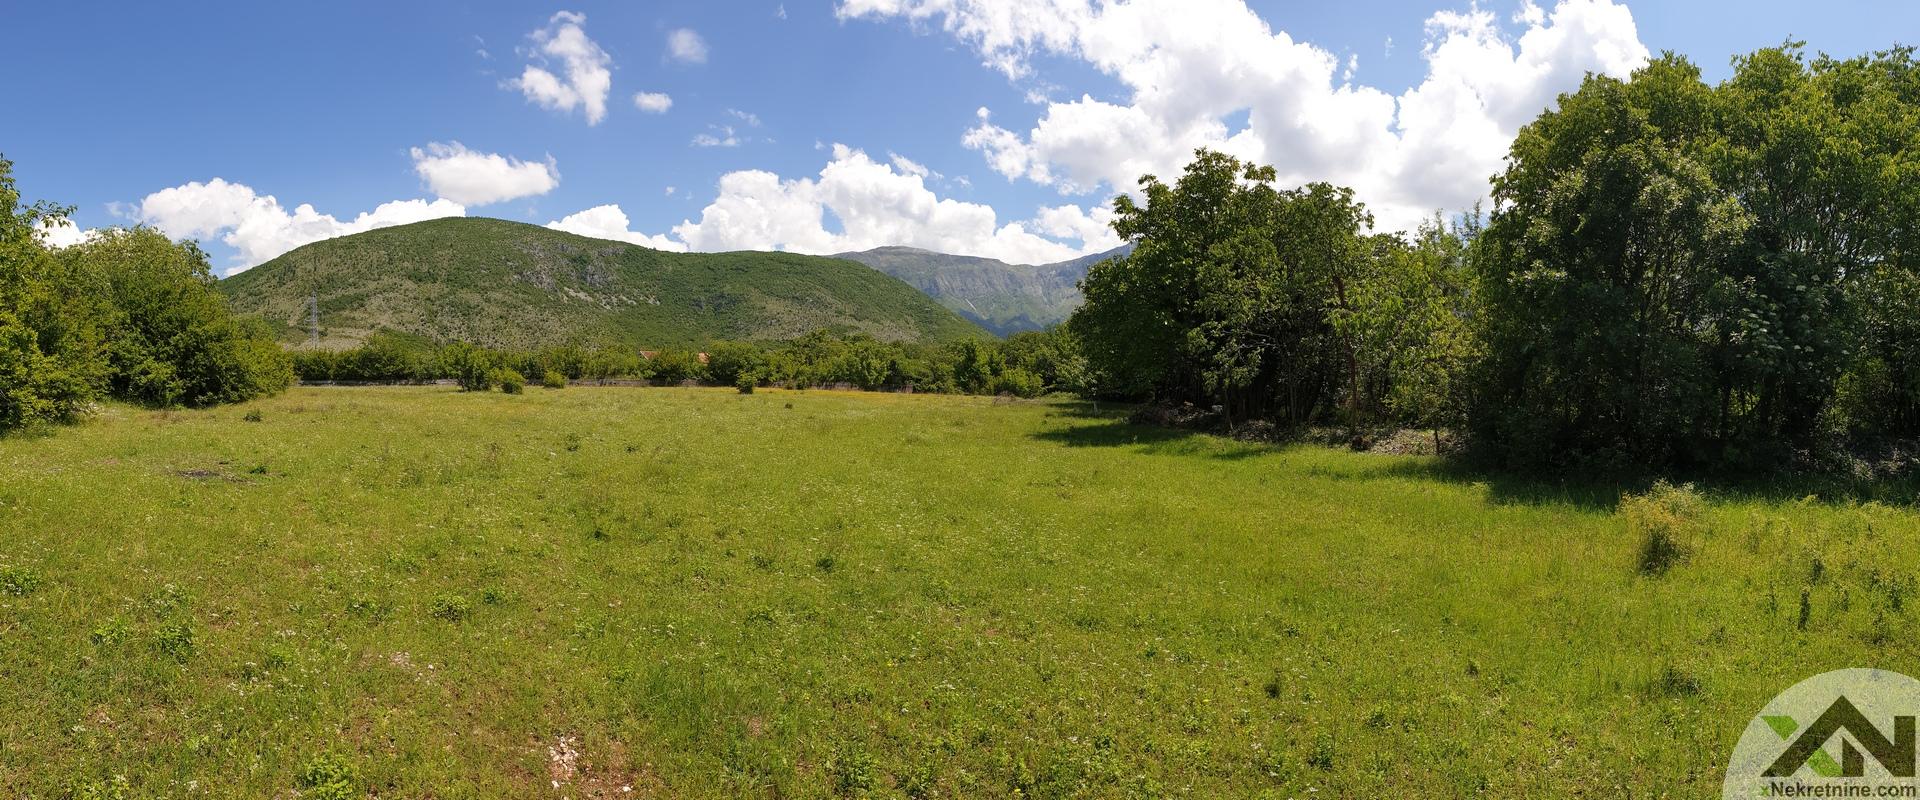 Parcela 3750m2 - Livač (pored rijeke)